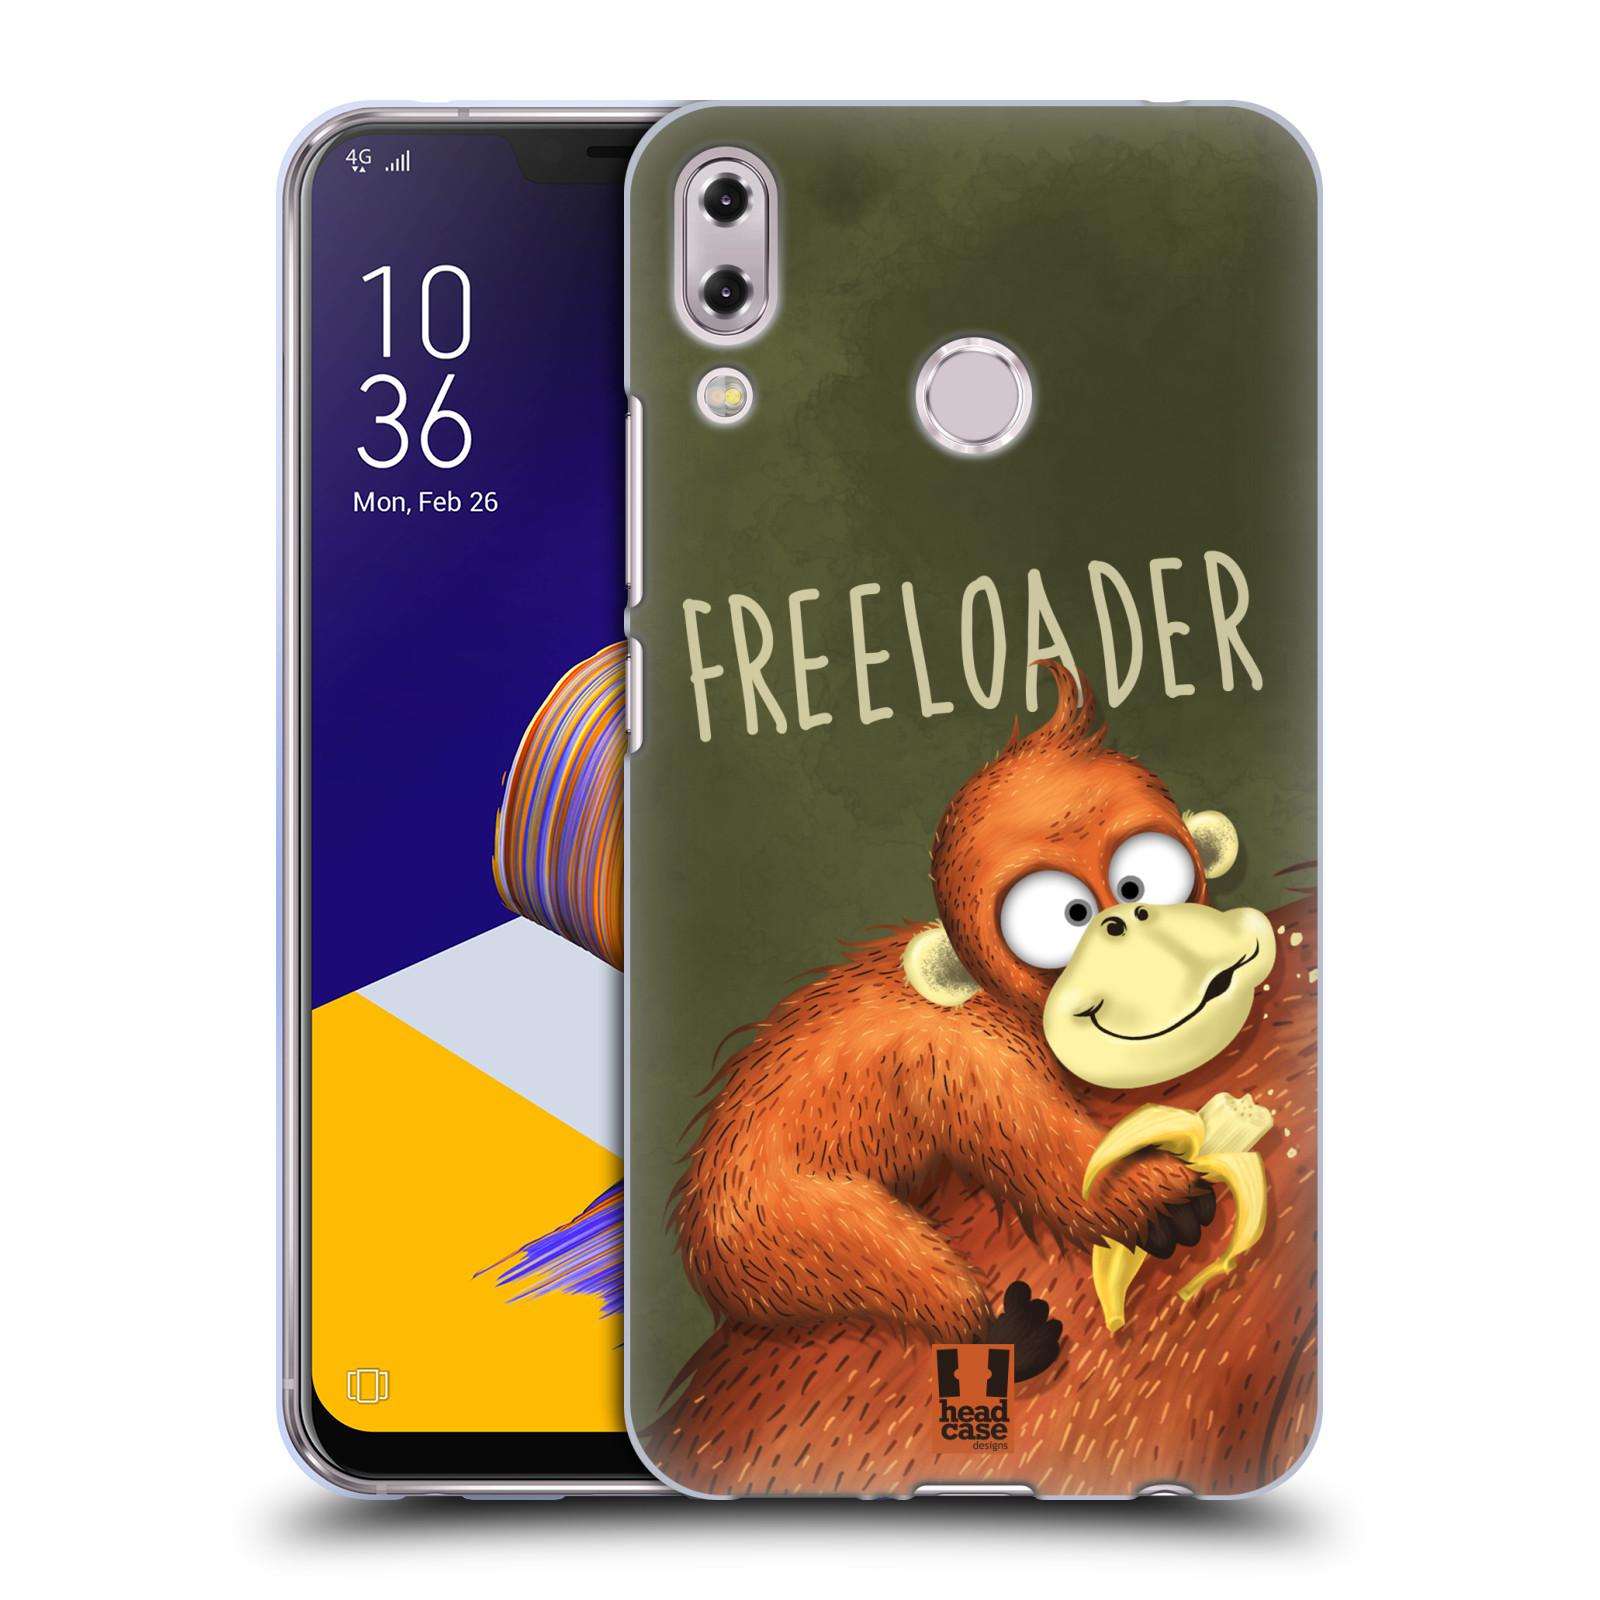 Silikonové pouzdro na mobil Asus Zenfone 5z ZS620KL - Head Case - Opičák Freeloader